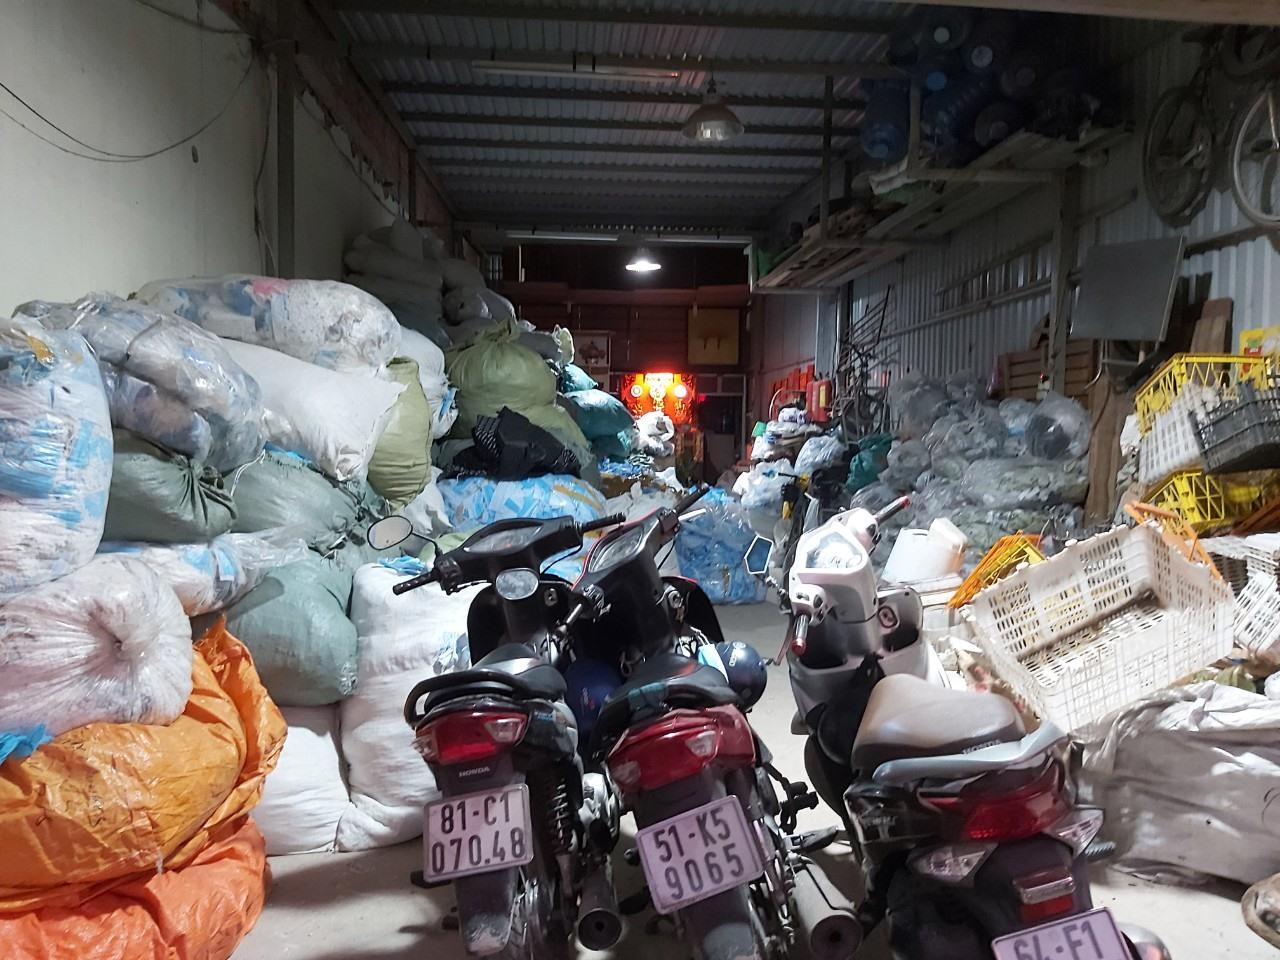 TP.HCM Phát hiện kho hàng chứa 2 tấn khẩu trang đã qua sử dụng 6